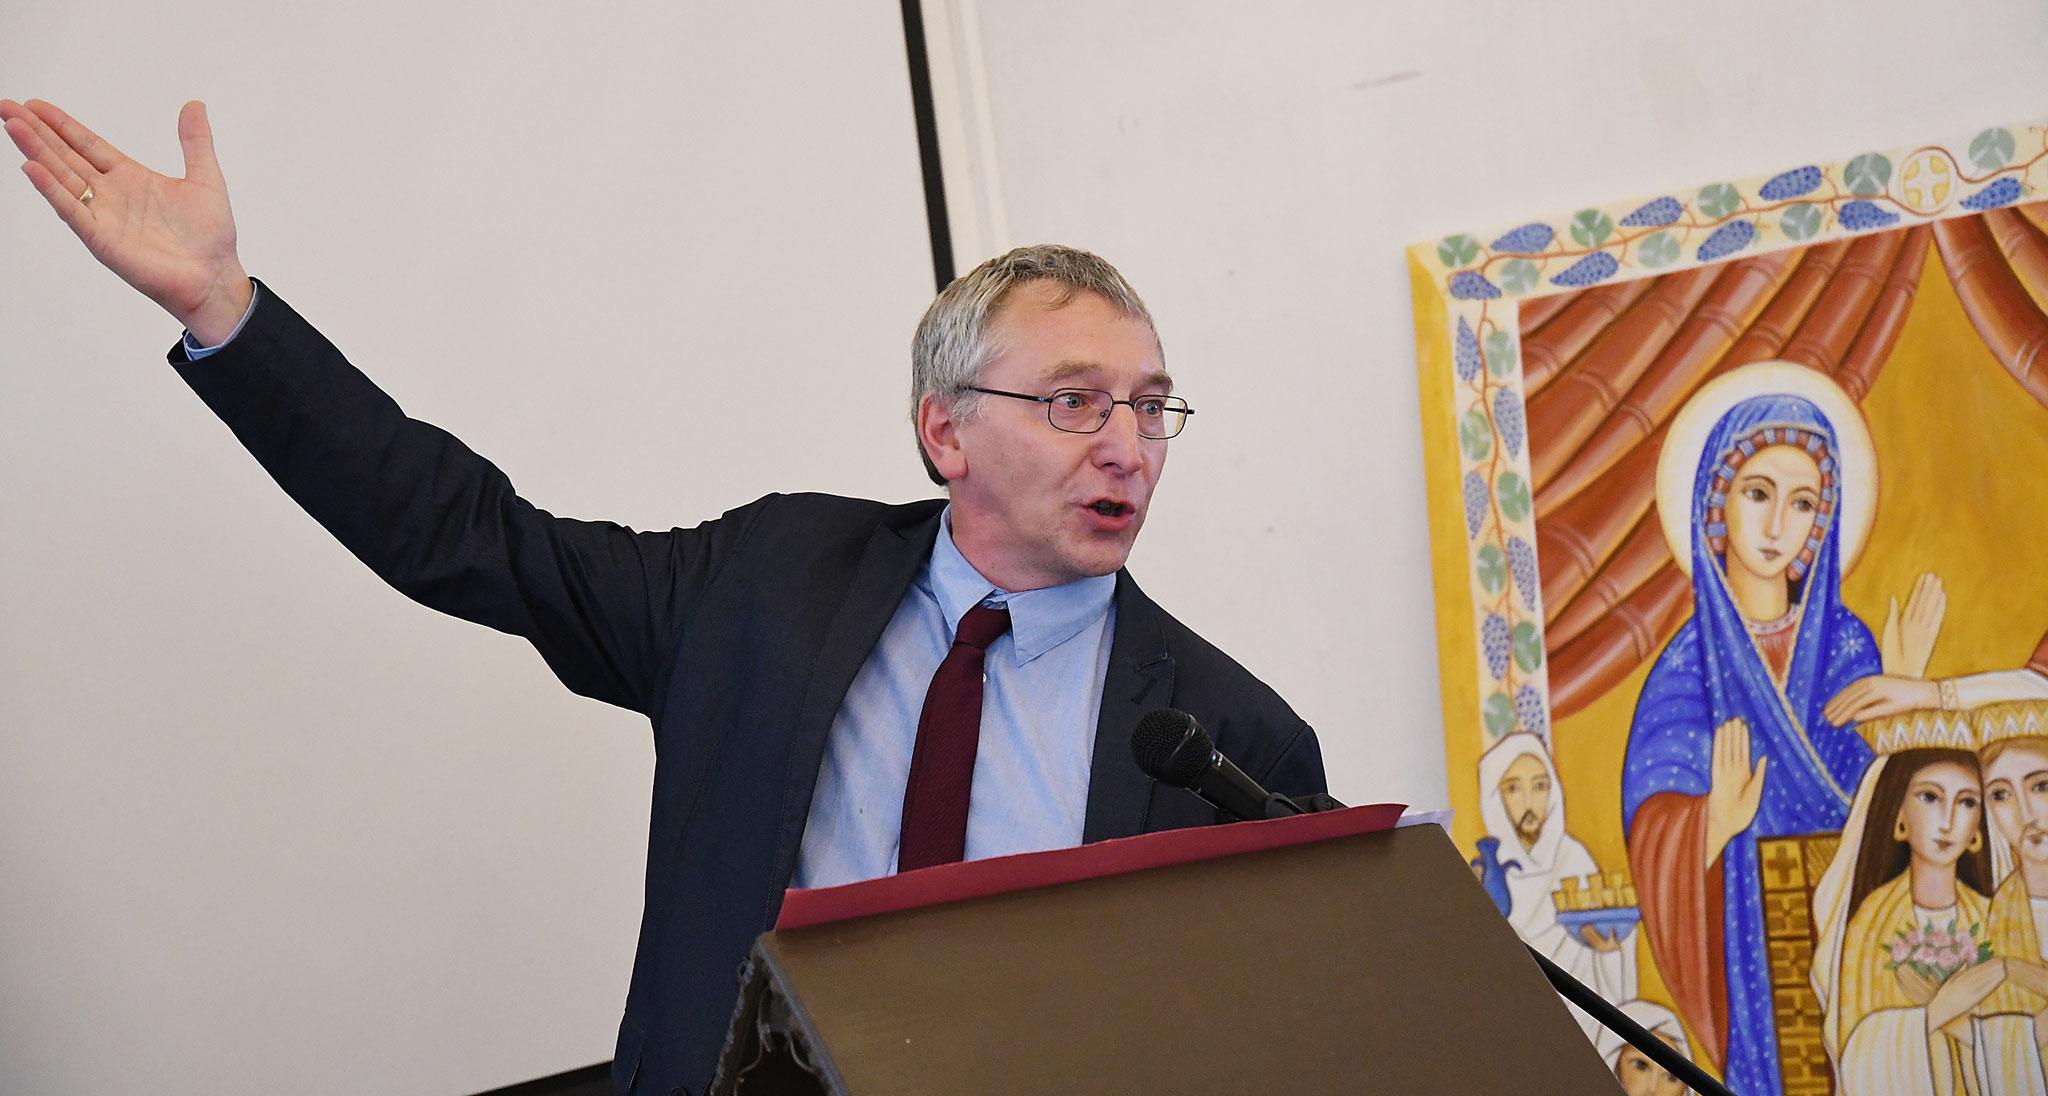 Vortrag von Prof. Dr. Siegfried Richter. Foto: Maria Hopp